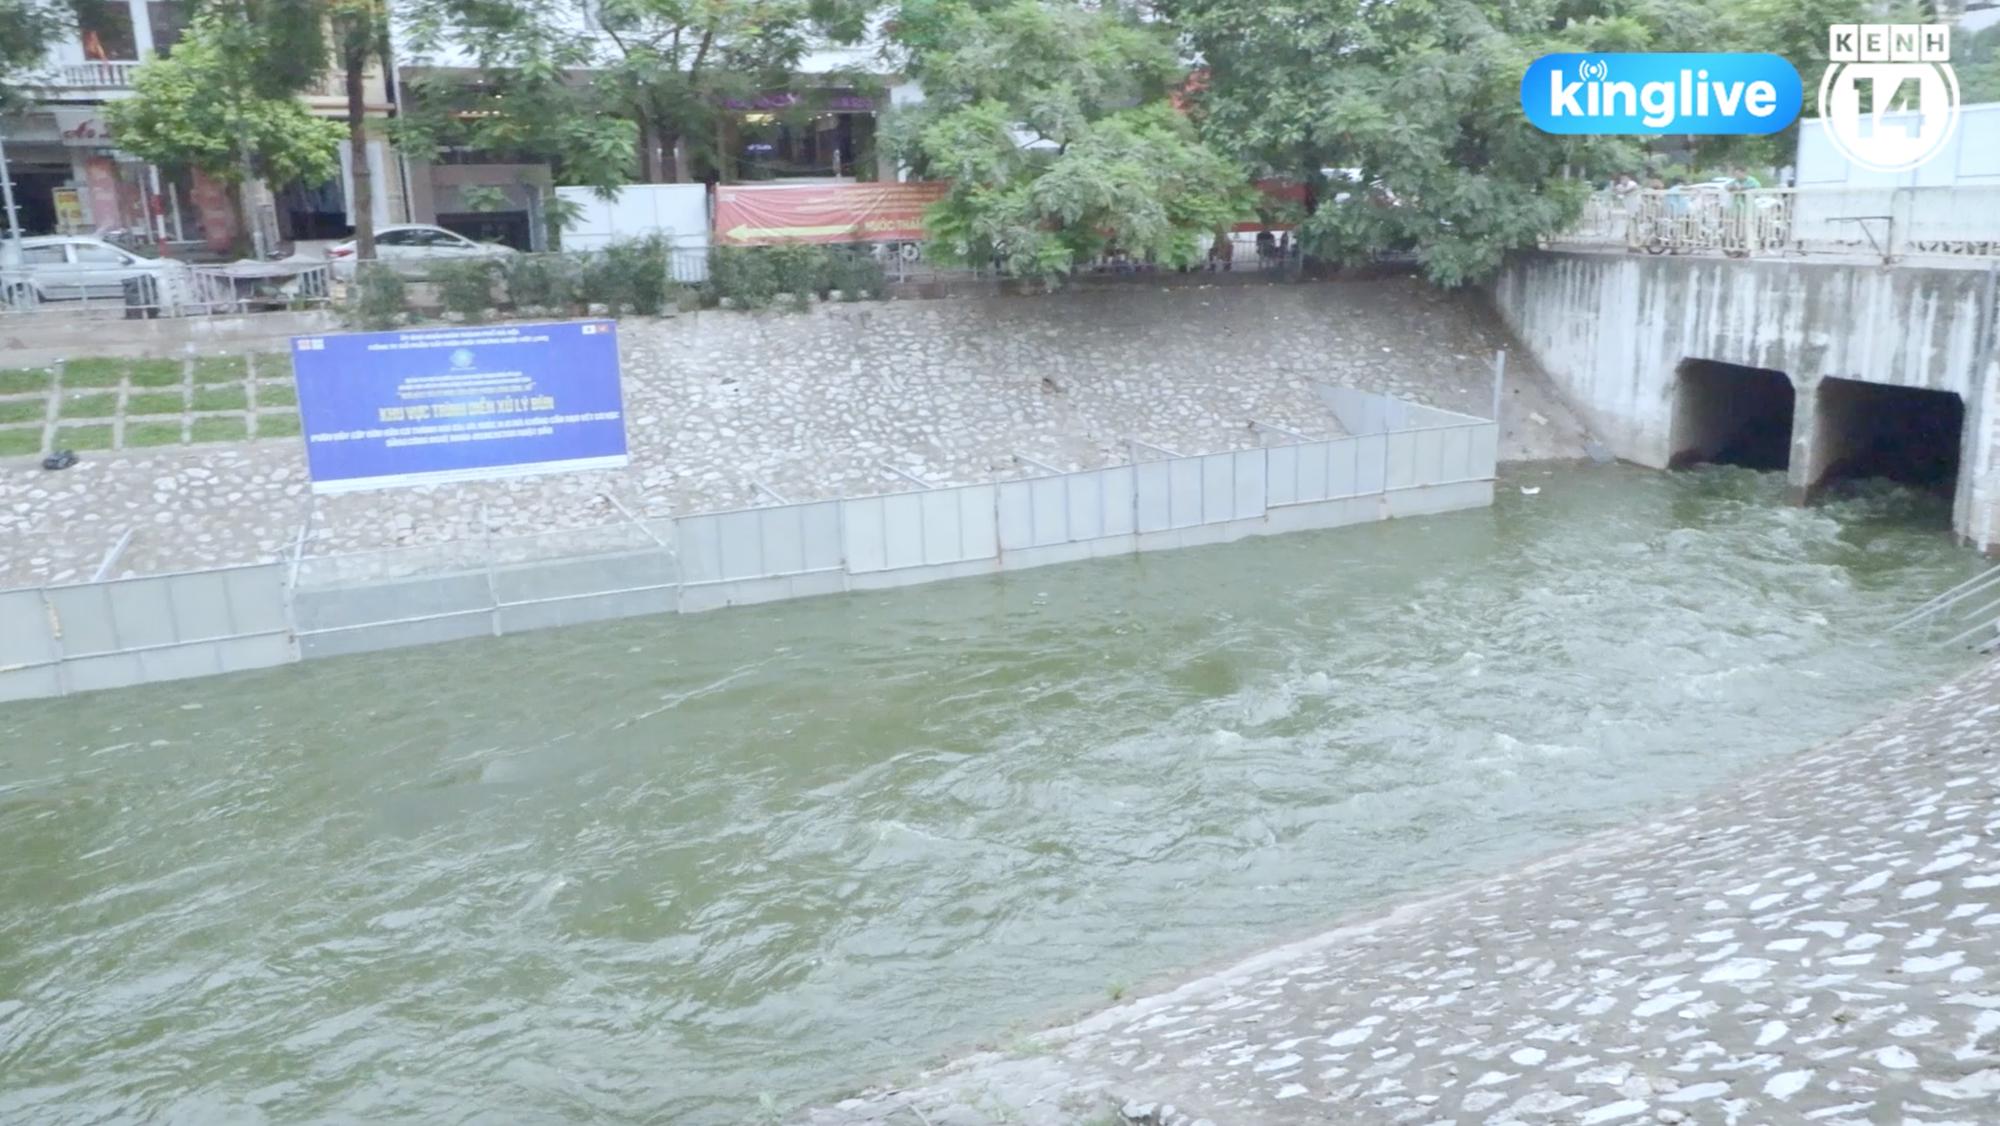 Hà Nội mở cửa xả Hồ Tây dẫn nước vào sông Tô Lịch: Nước đã xanh hơn, mùi hôi thối giảm hẳn - Ảnh 2.